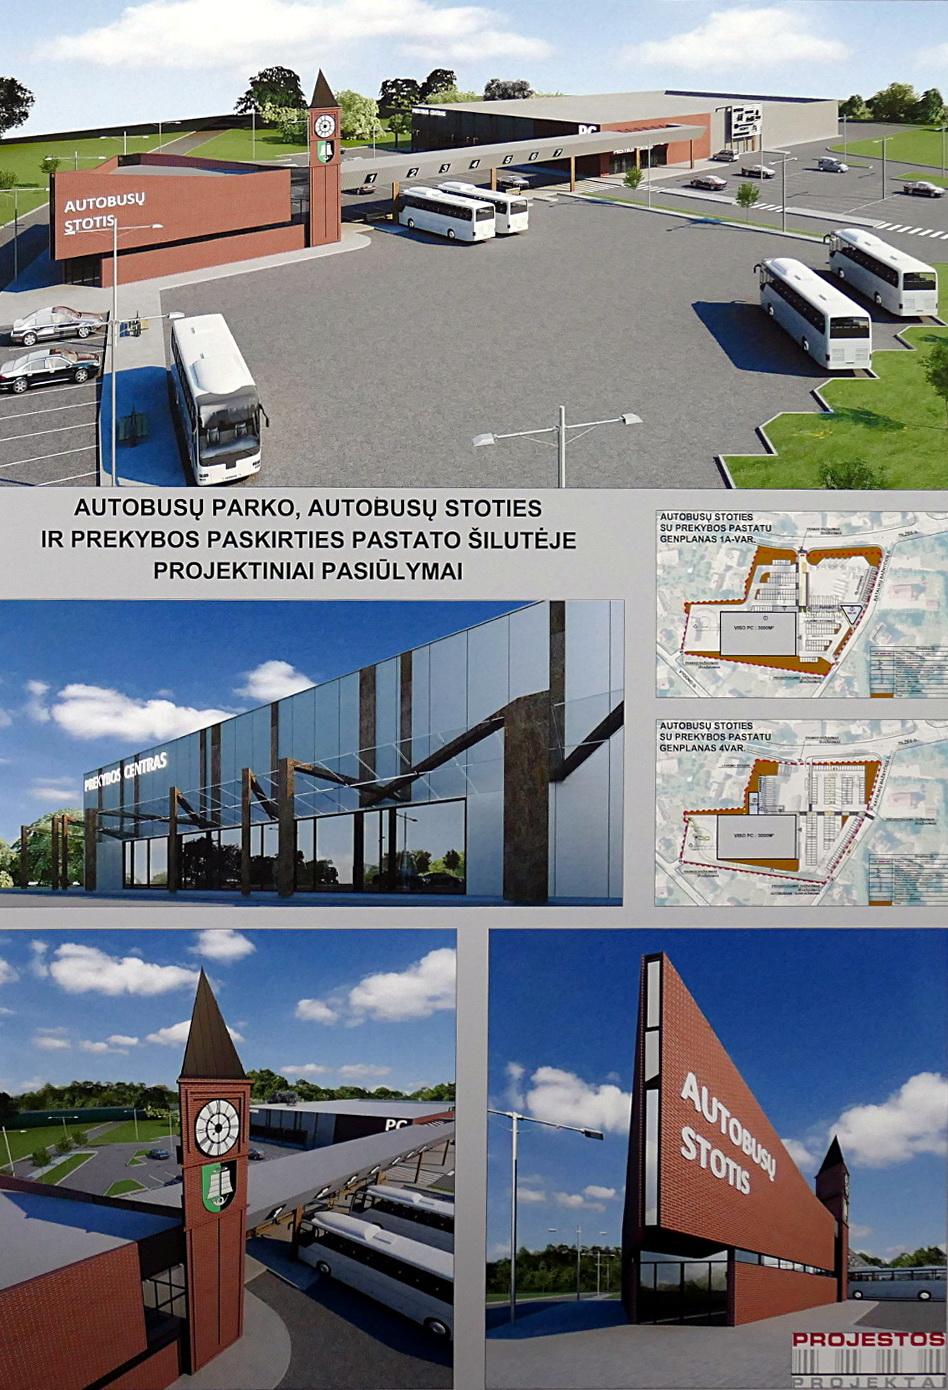 """UAB """"Projestos projektai"""" siūlo statyti apie 3000 kv. m ploto prekybos centrą, o šalia apie 200 kvadratų autobusų stotį su stiklinėmis pertvaromis, nuo vėjo ir lietaus apsaugotais peronais."""